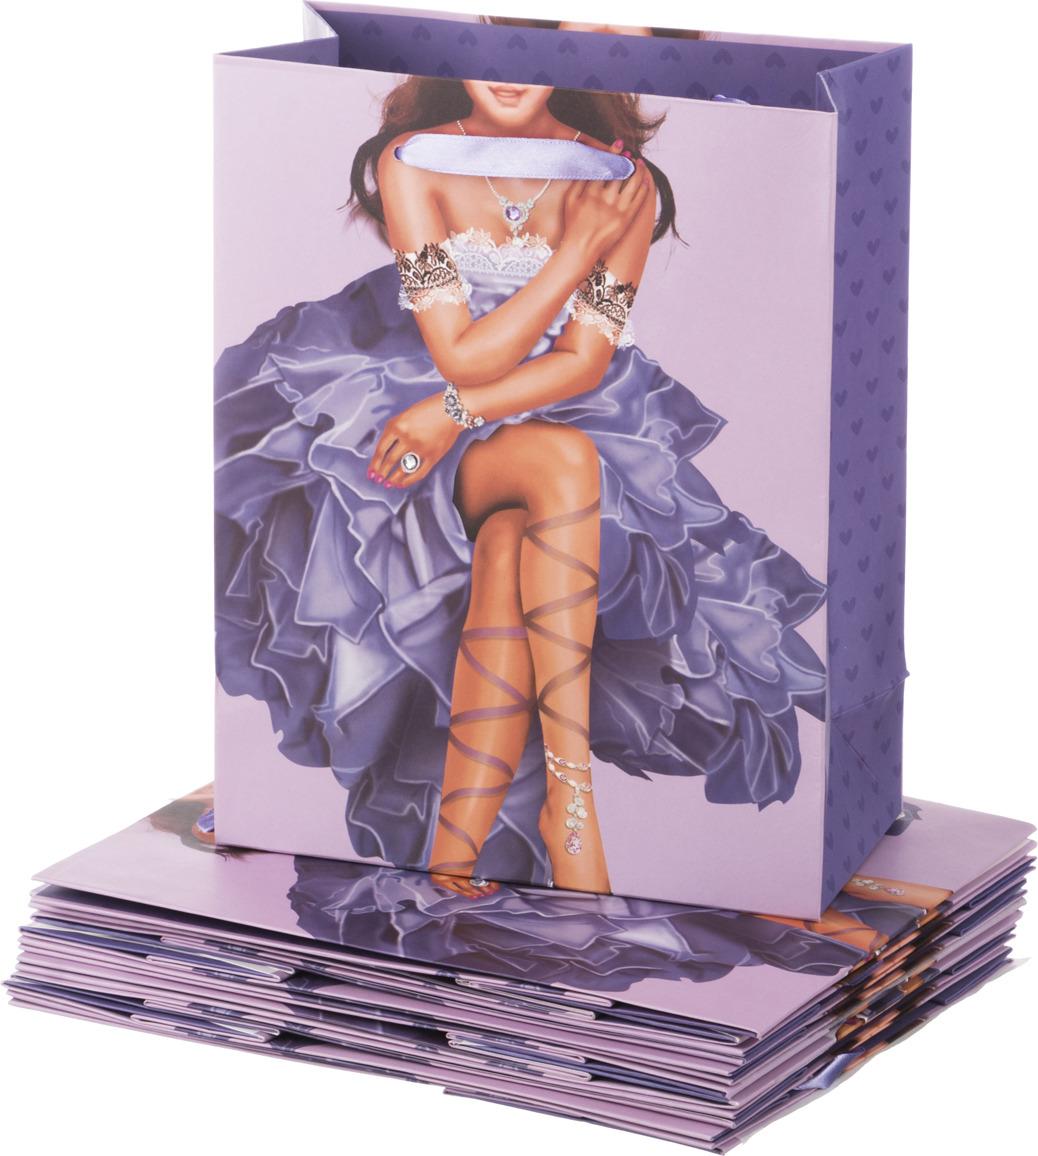 Пакеты бумажные Lefard, 73-544, 23 х 18 х 9 см, 10 шт пакеты бумажные lefard 73 545 23 х 18 х 9 см 10 шт